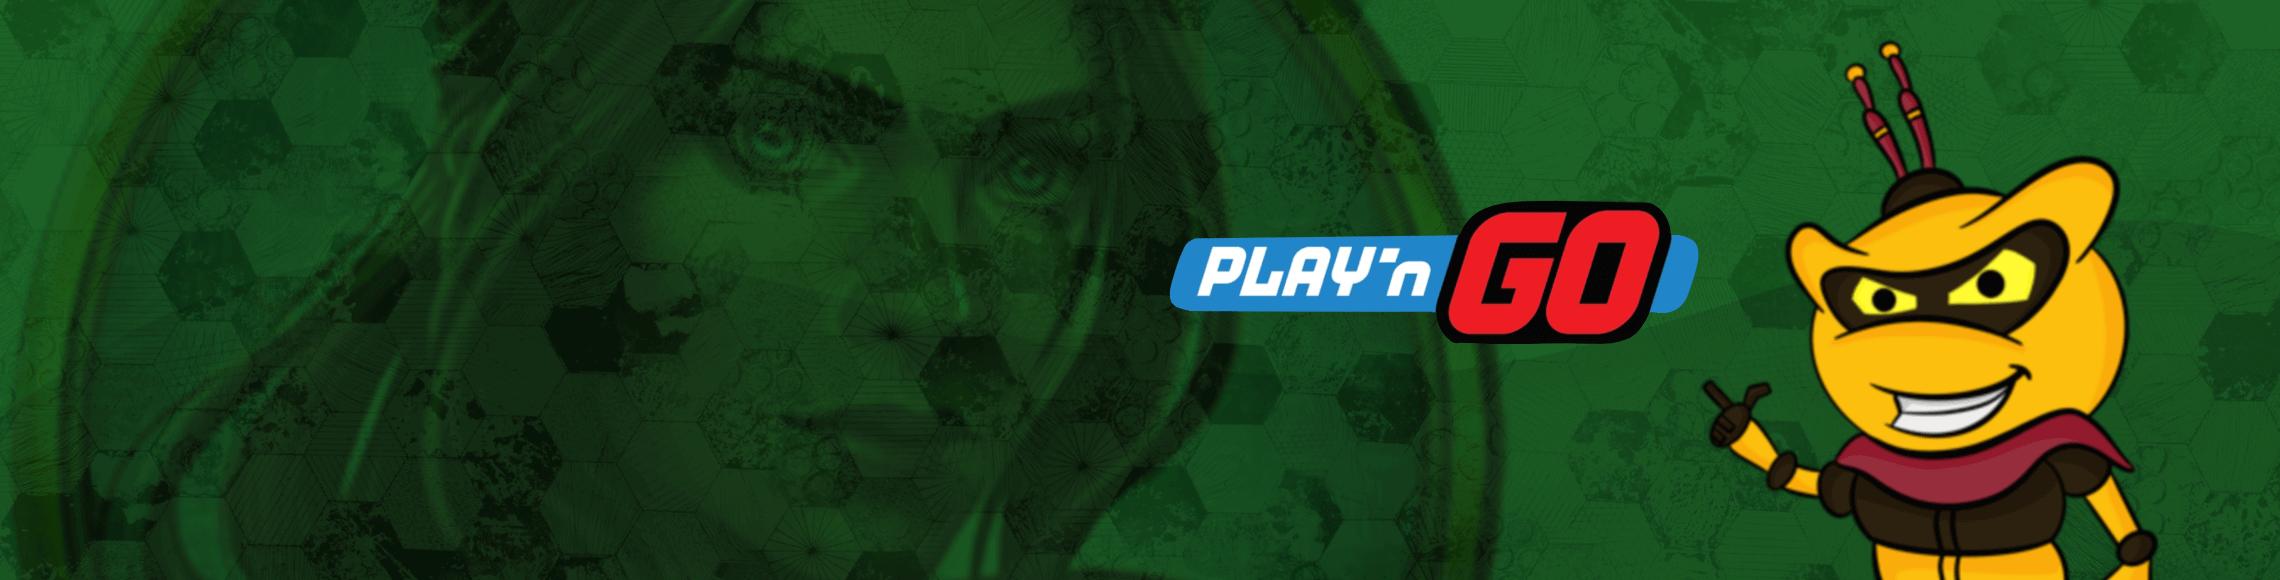 Best Play'n GO Casinos